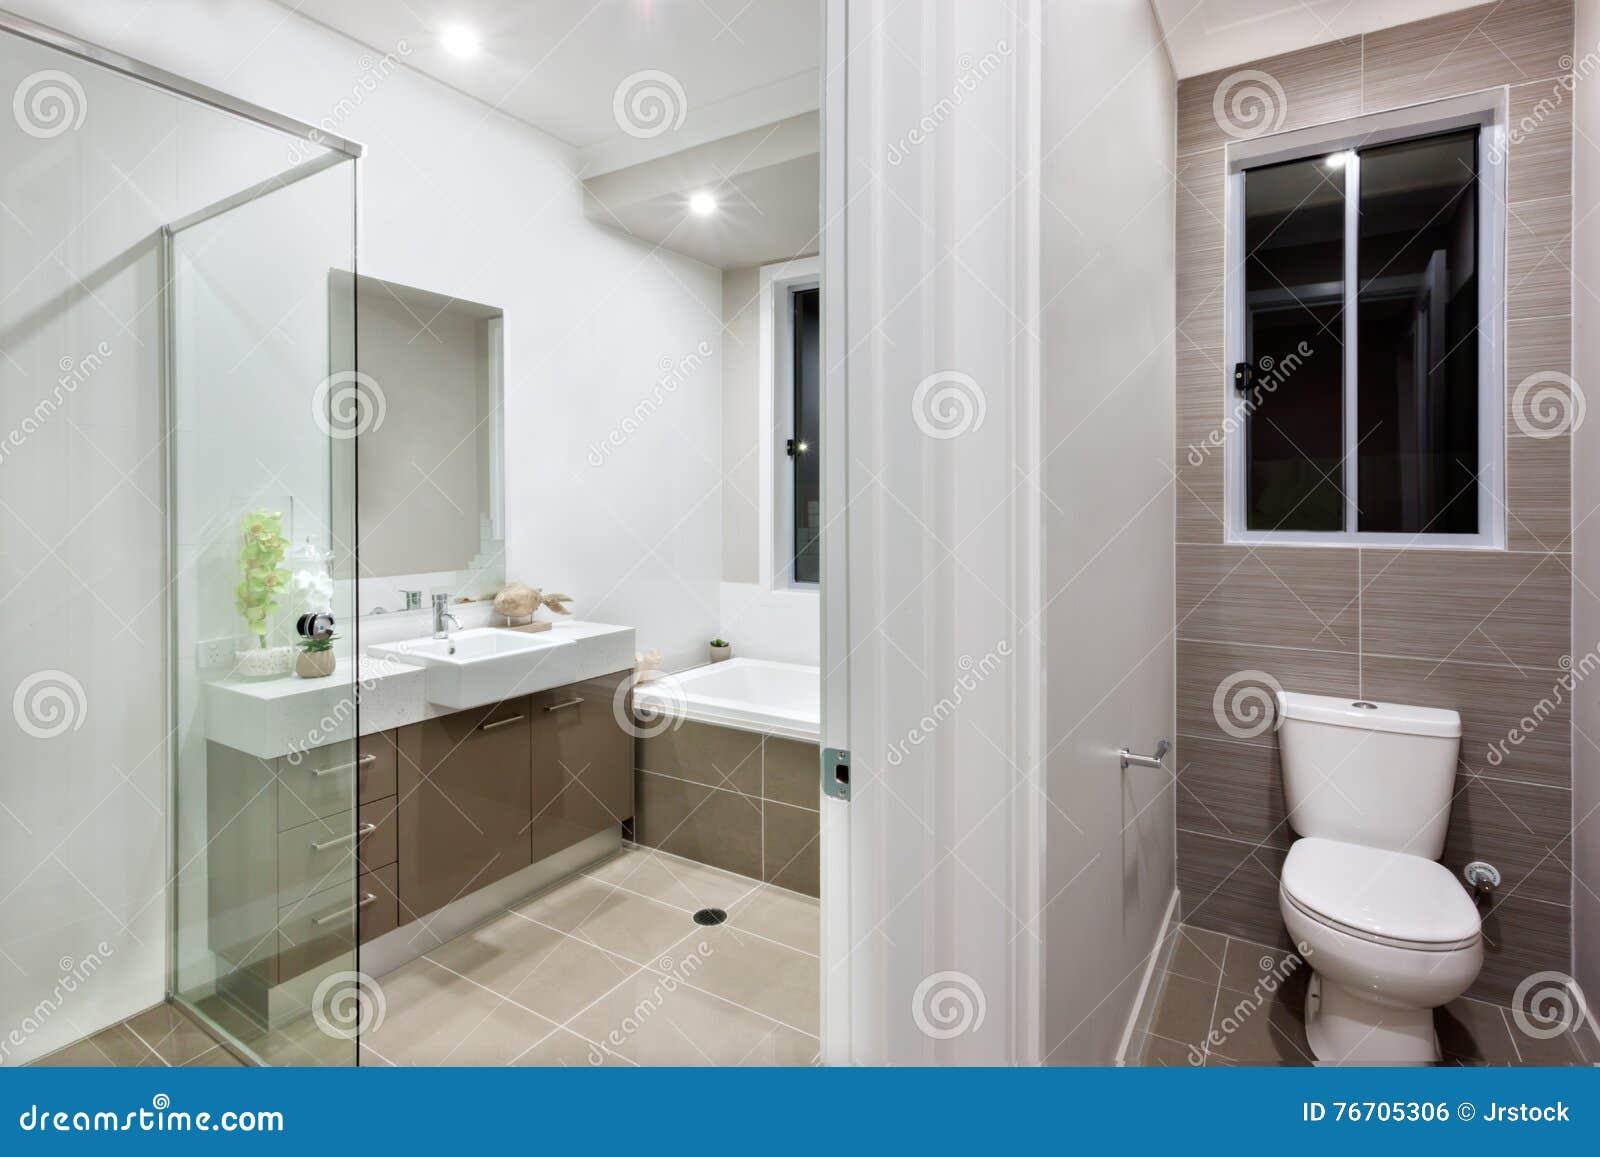 Modernes Badezimmer Mit Der Toilette Stockfoto - Bild von ...